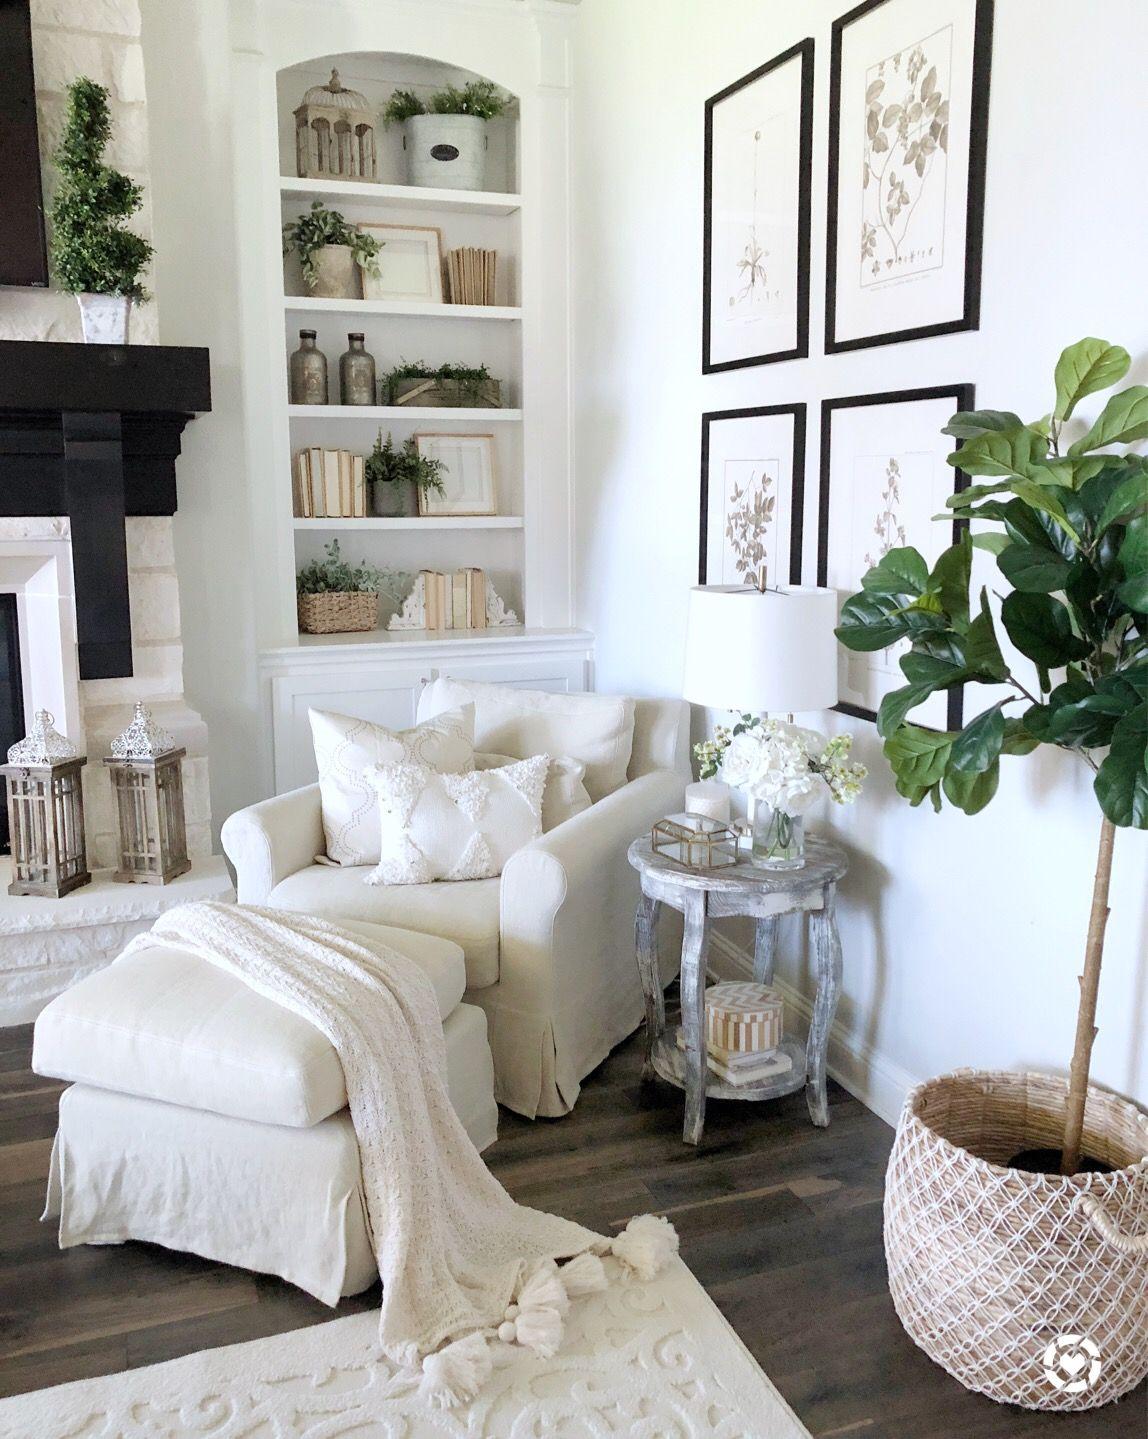 Best Reading Nook Mytexashouse Living Room Decor Bookshelf 400 x 300